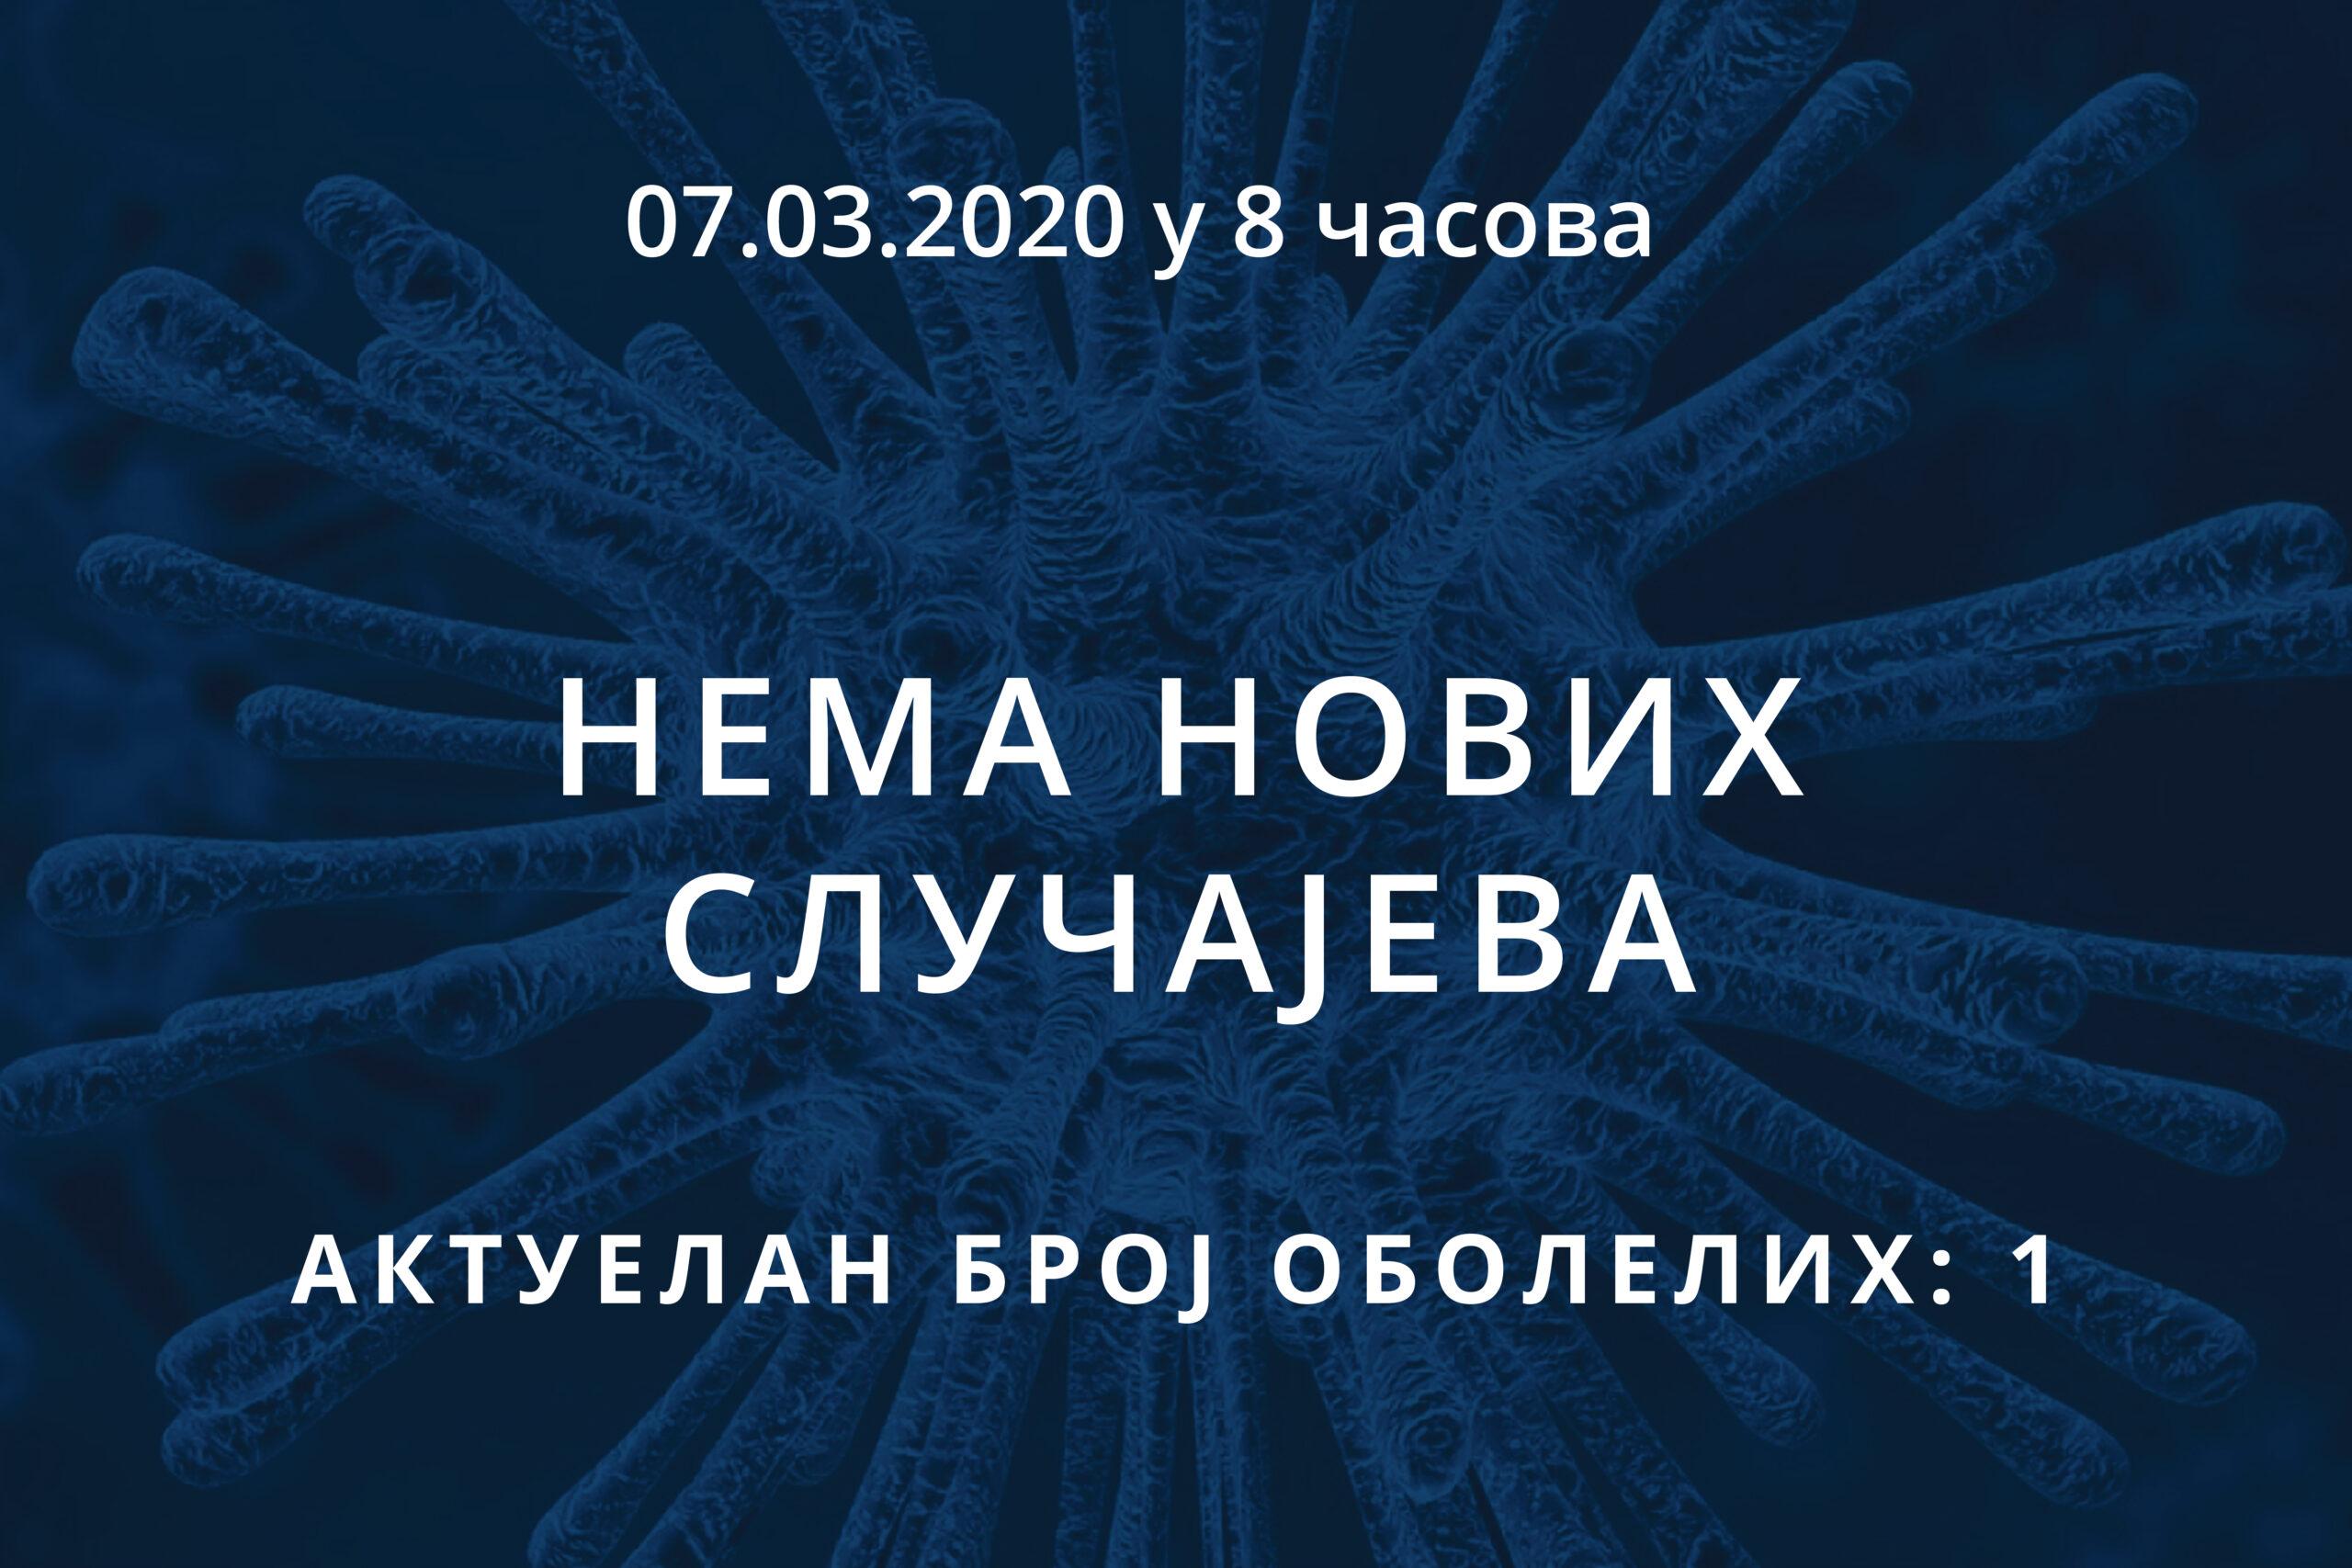 Информације о корона вирусу COVID-19, 07.03.2020 у 8 часова